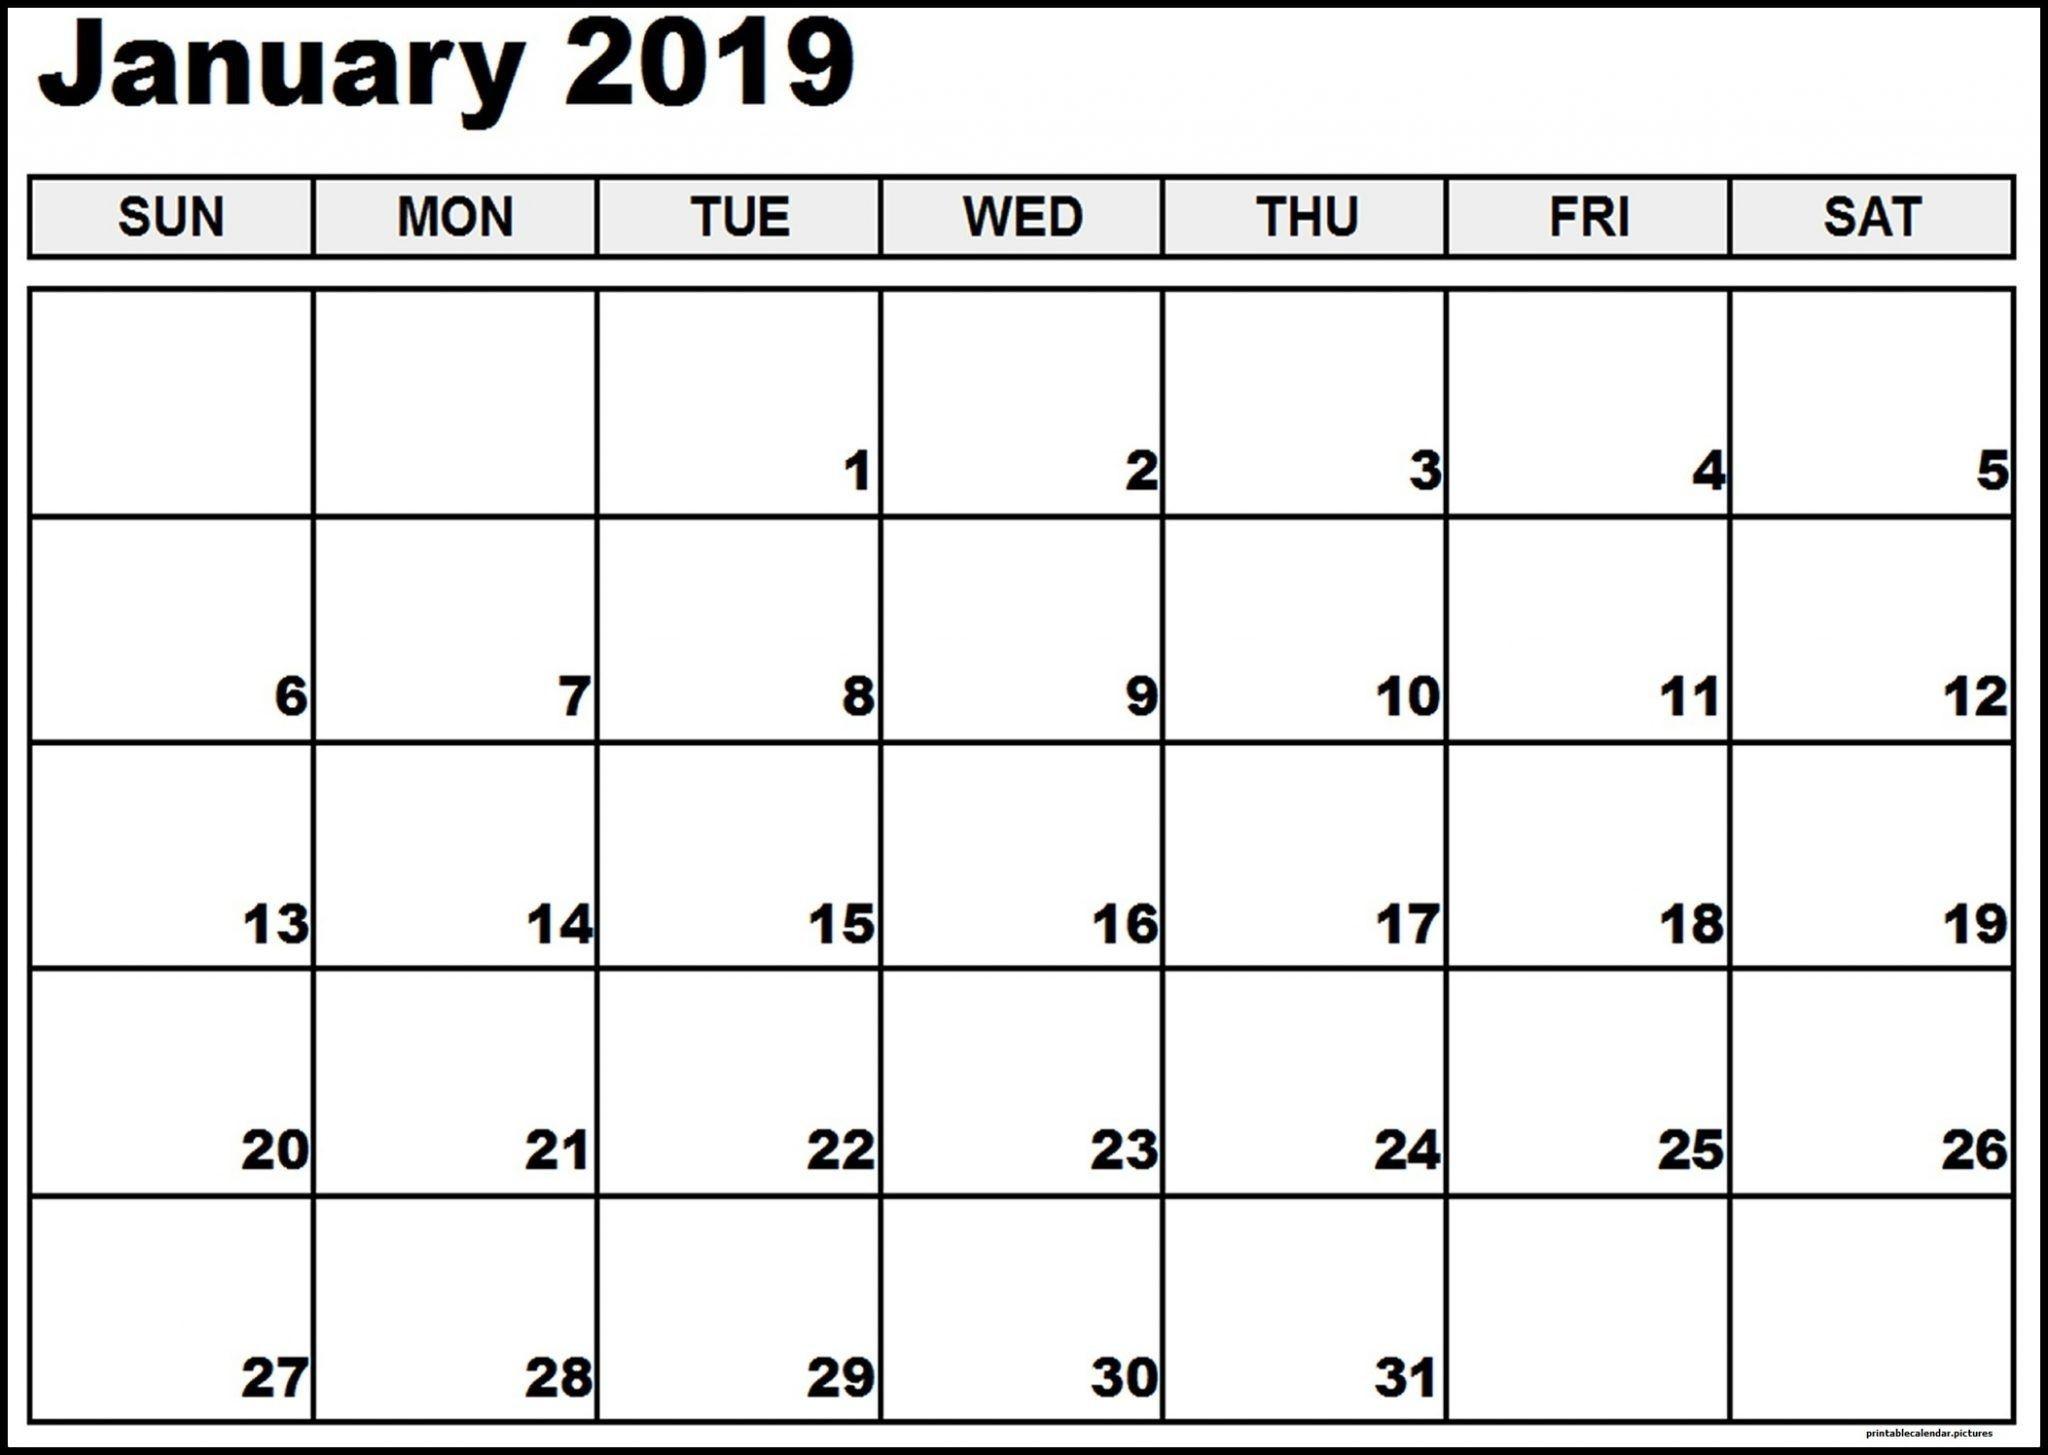 Vertex January Calendar 2019 Printable   January 2019-Calender Template By Vertex